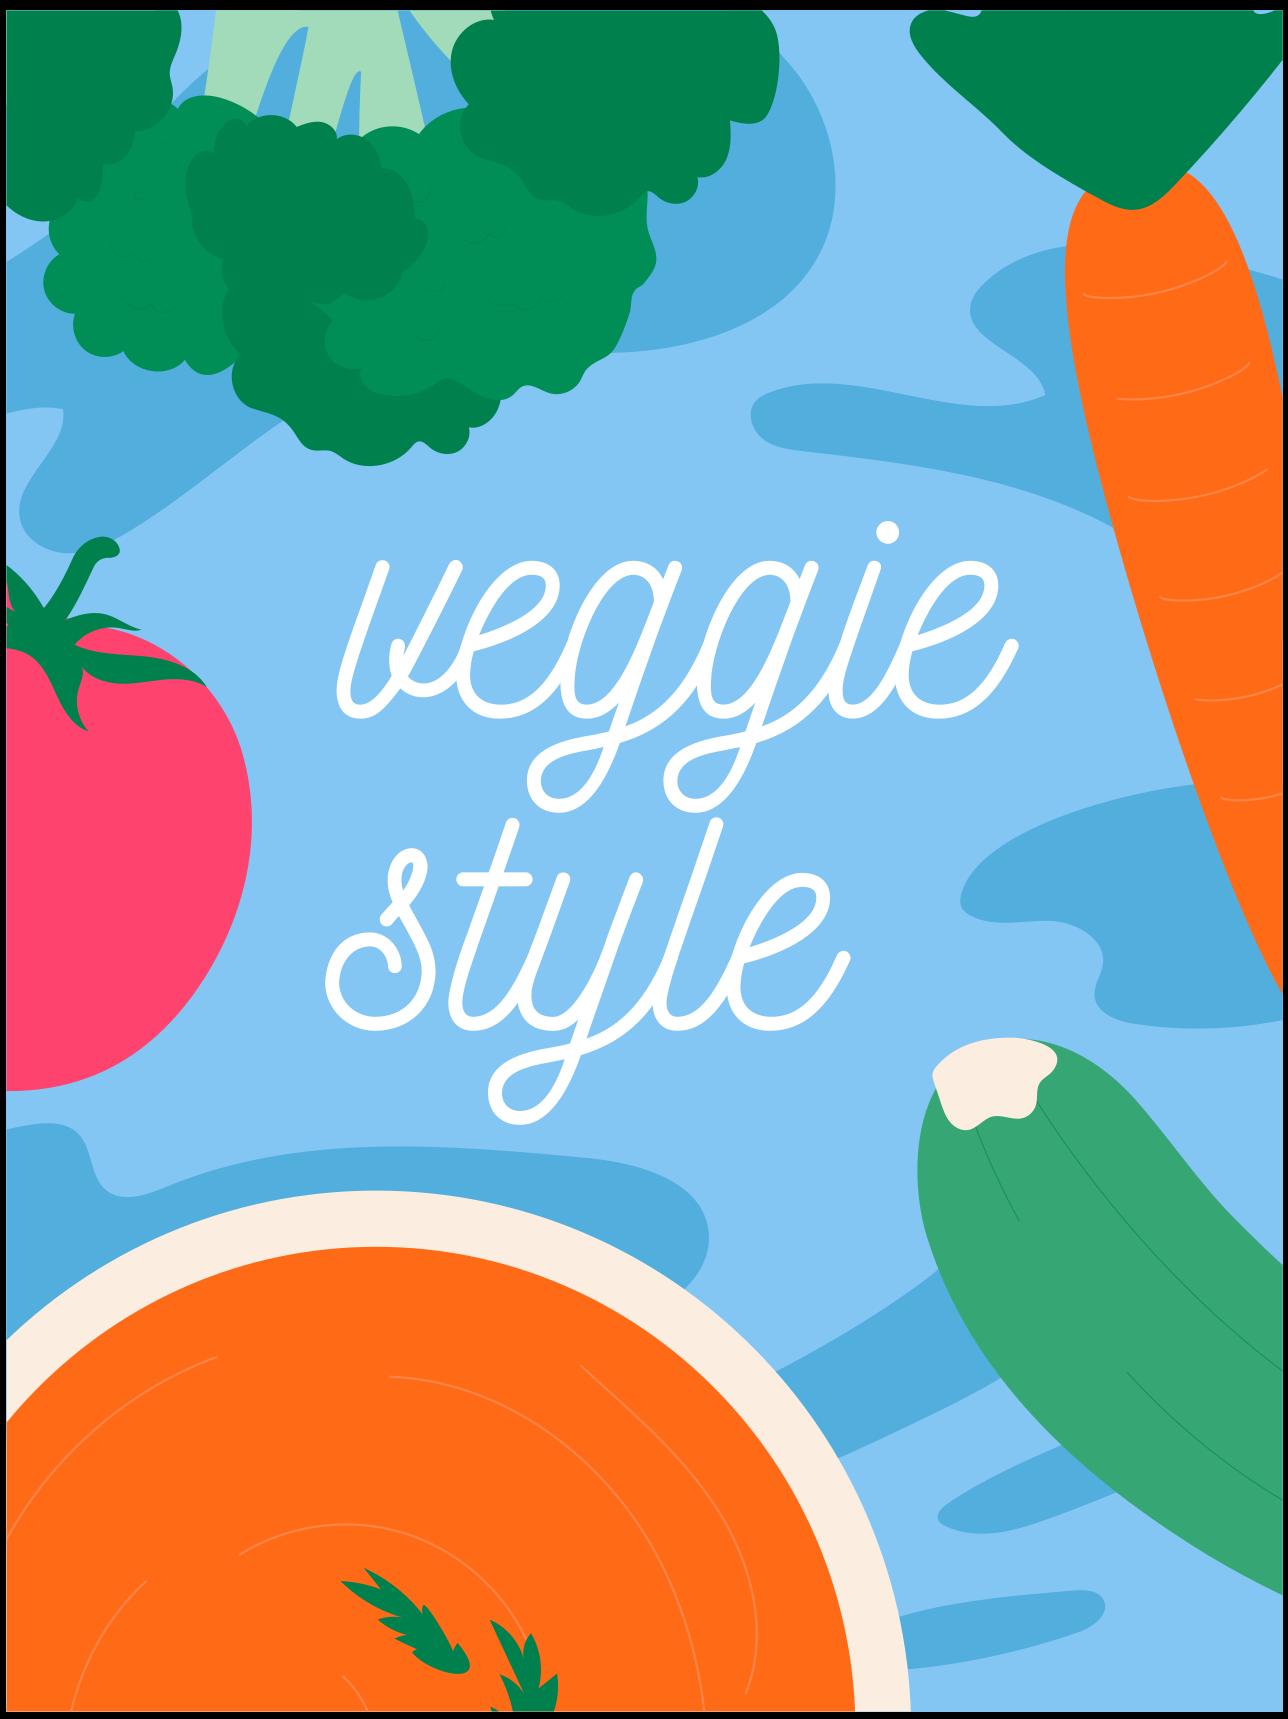 TenStickers. Piso de cozinha estilo vegetariano. A melhor maneira de fazer com que todos saibam que você é vegetariano é com este tapete de vinil de estilo vegetariano para cozinha. Produto de alta qualidade.